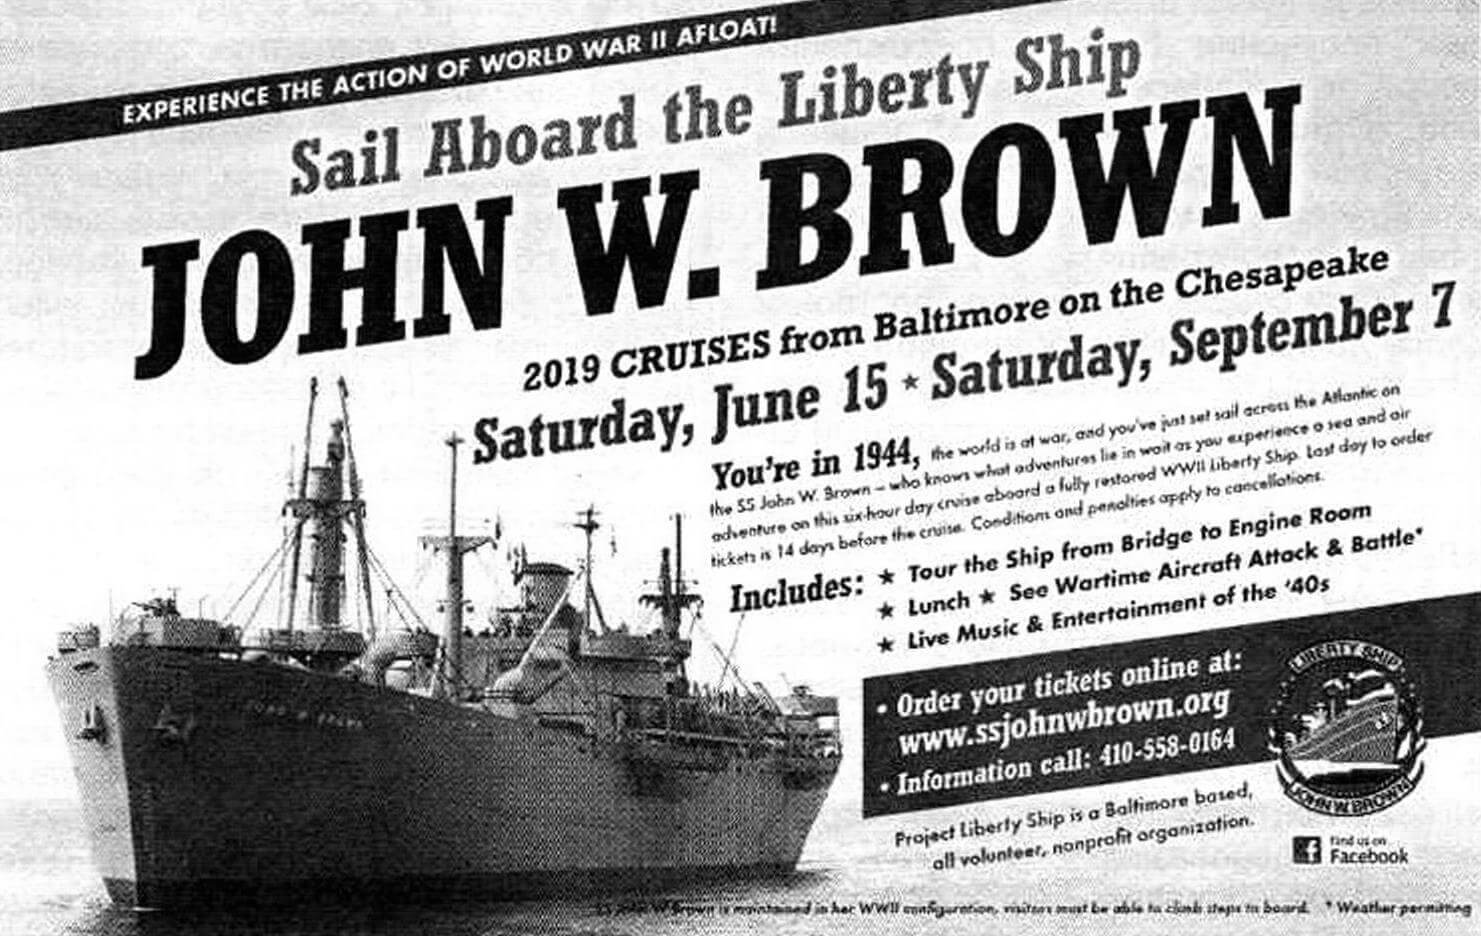 Реклама из журнала «America in WWII» № 4 за 2019 год предлагает совершить экскурсию из Балтимора в Чесапик на борту судна «John W. Brown». Несмотря на весьма почтенный возраст, пароход не стоит на приколе и поддерживается в ходовом состоянии